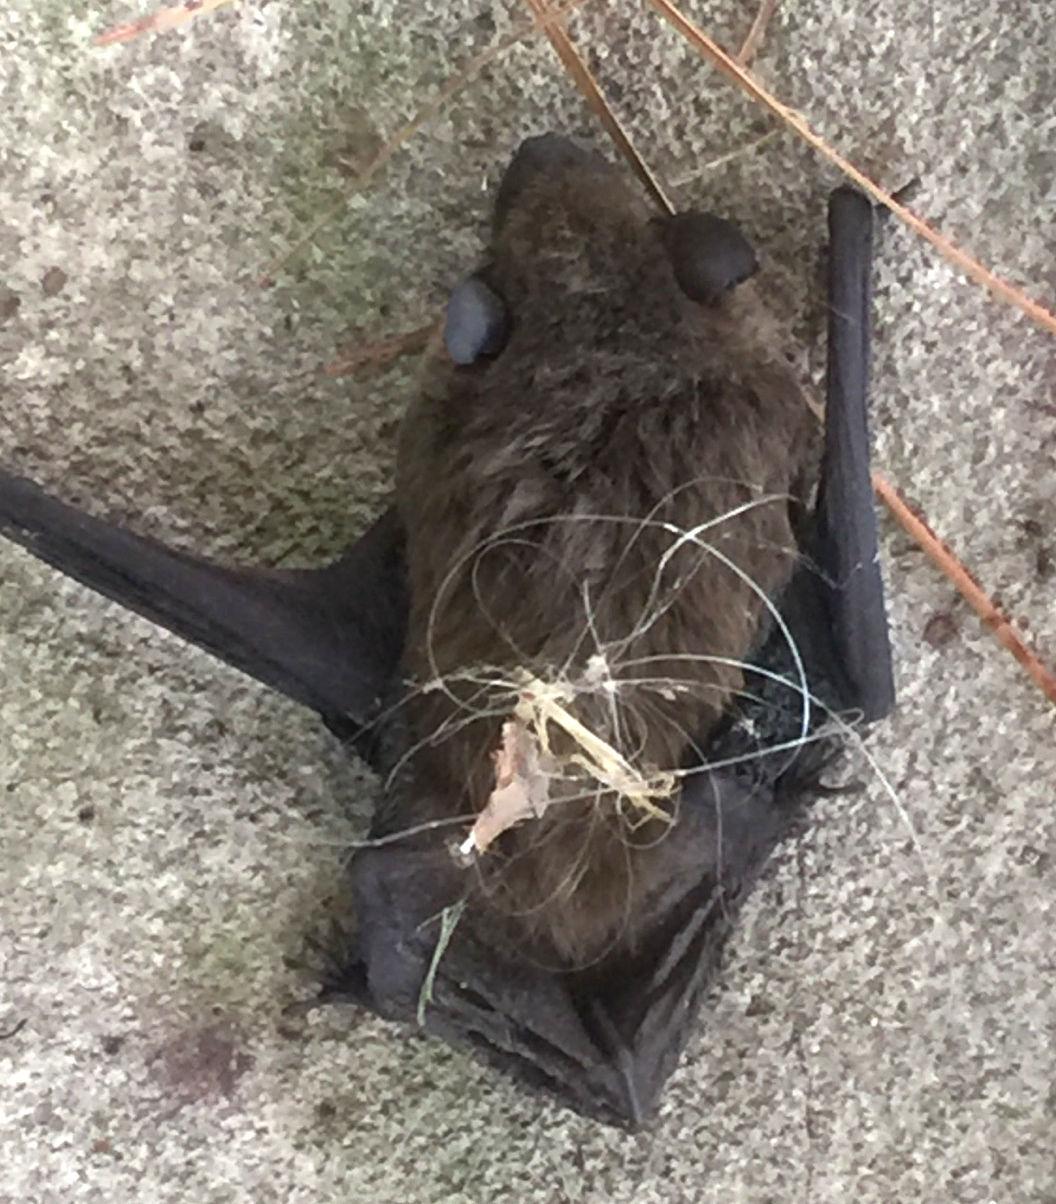 Bat in Shoe